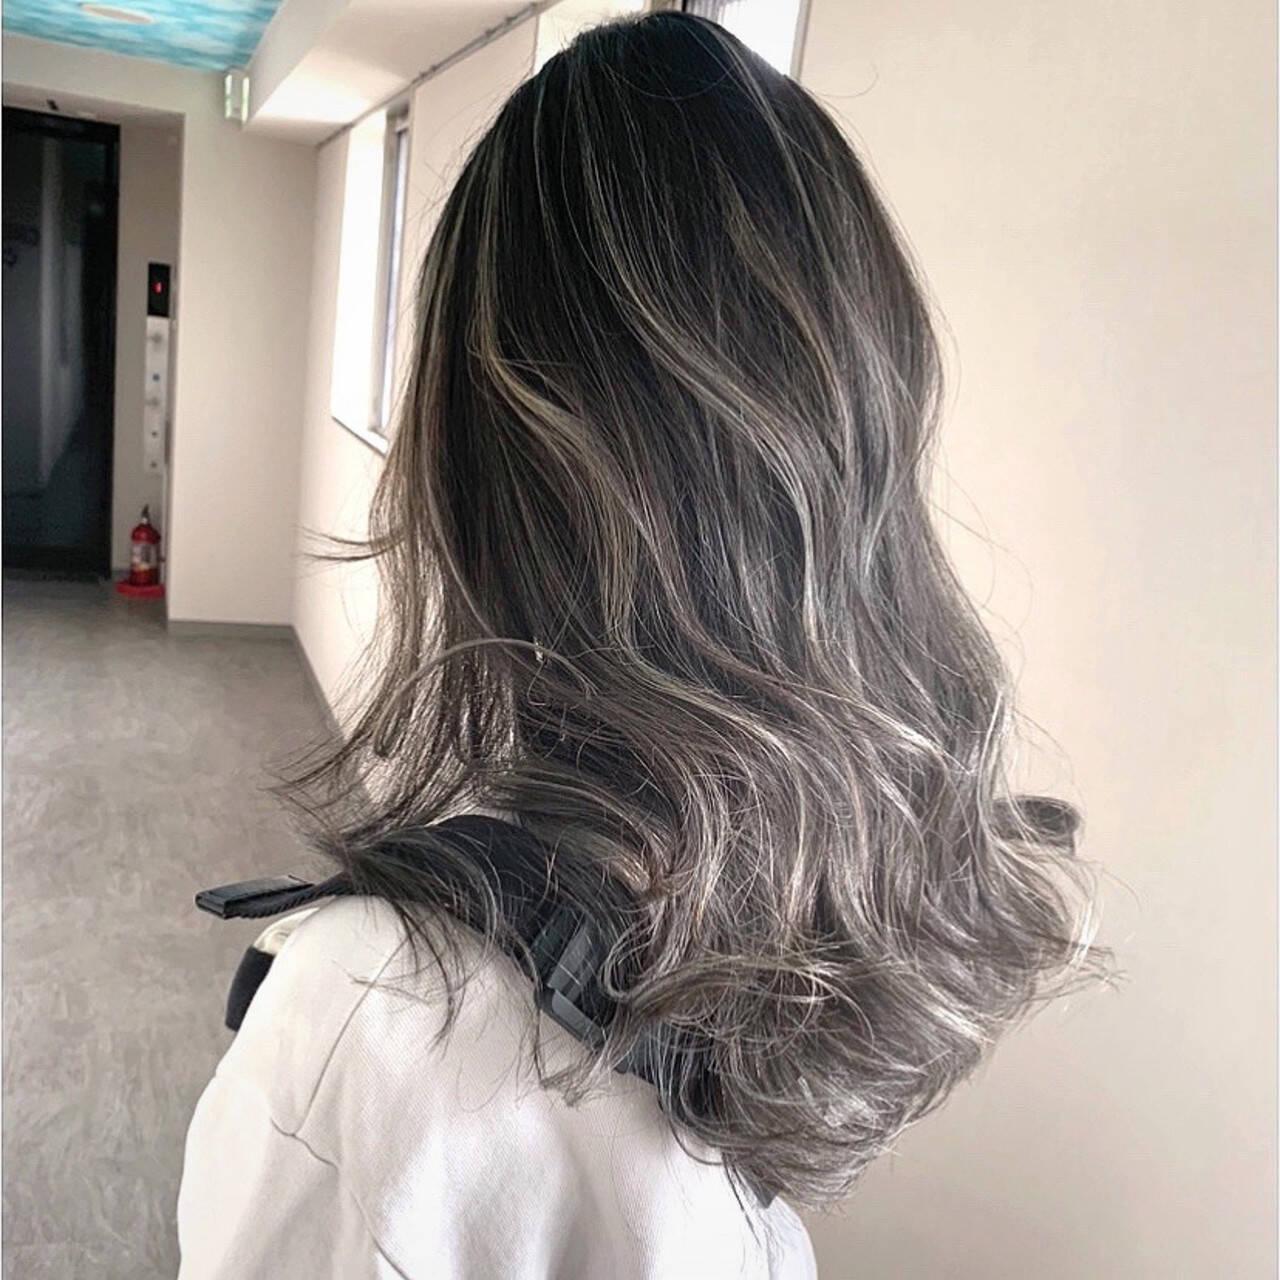 グレーアッシュ グラデーションカラー コントラストハイライト 大人ハイライトヘアスタイルや髪型の写真・画像